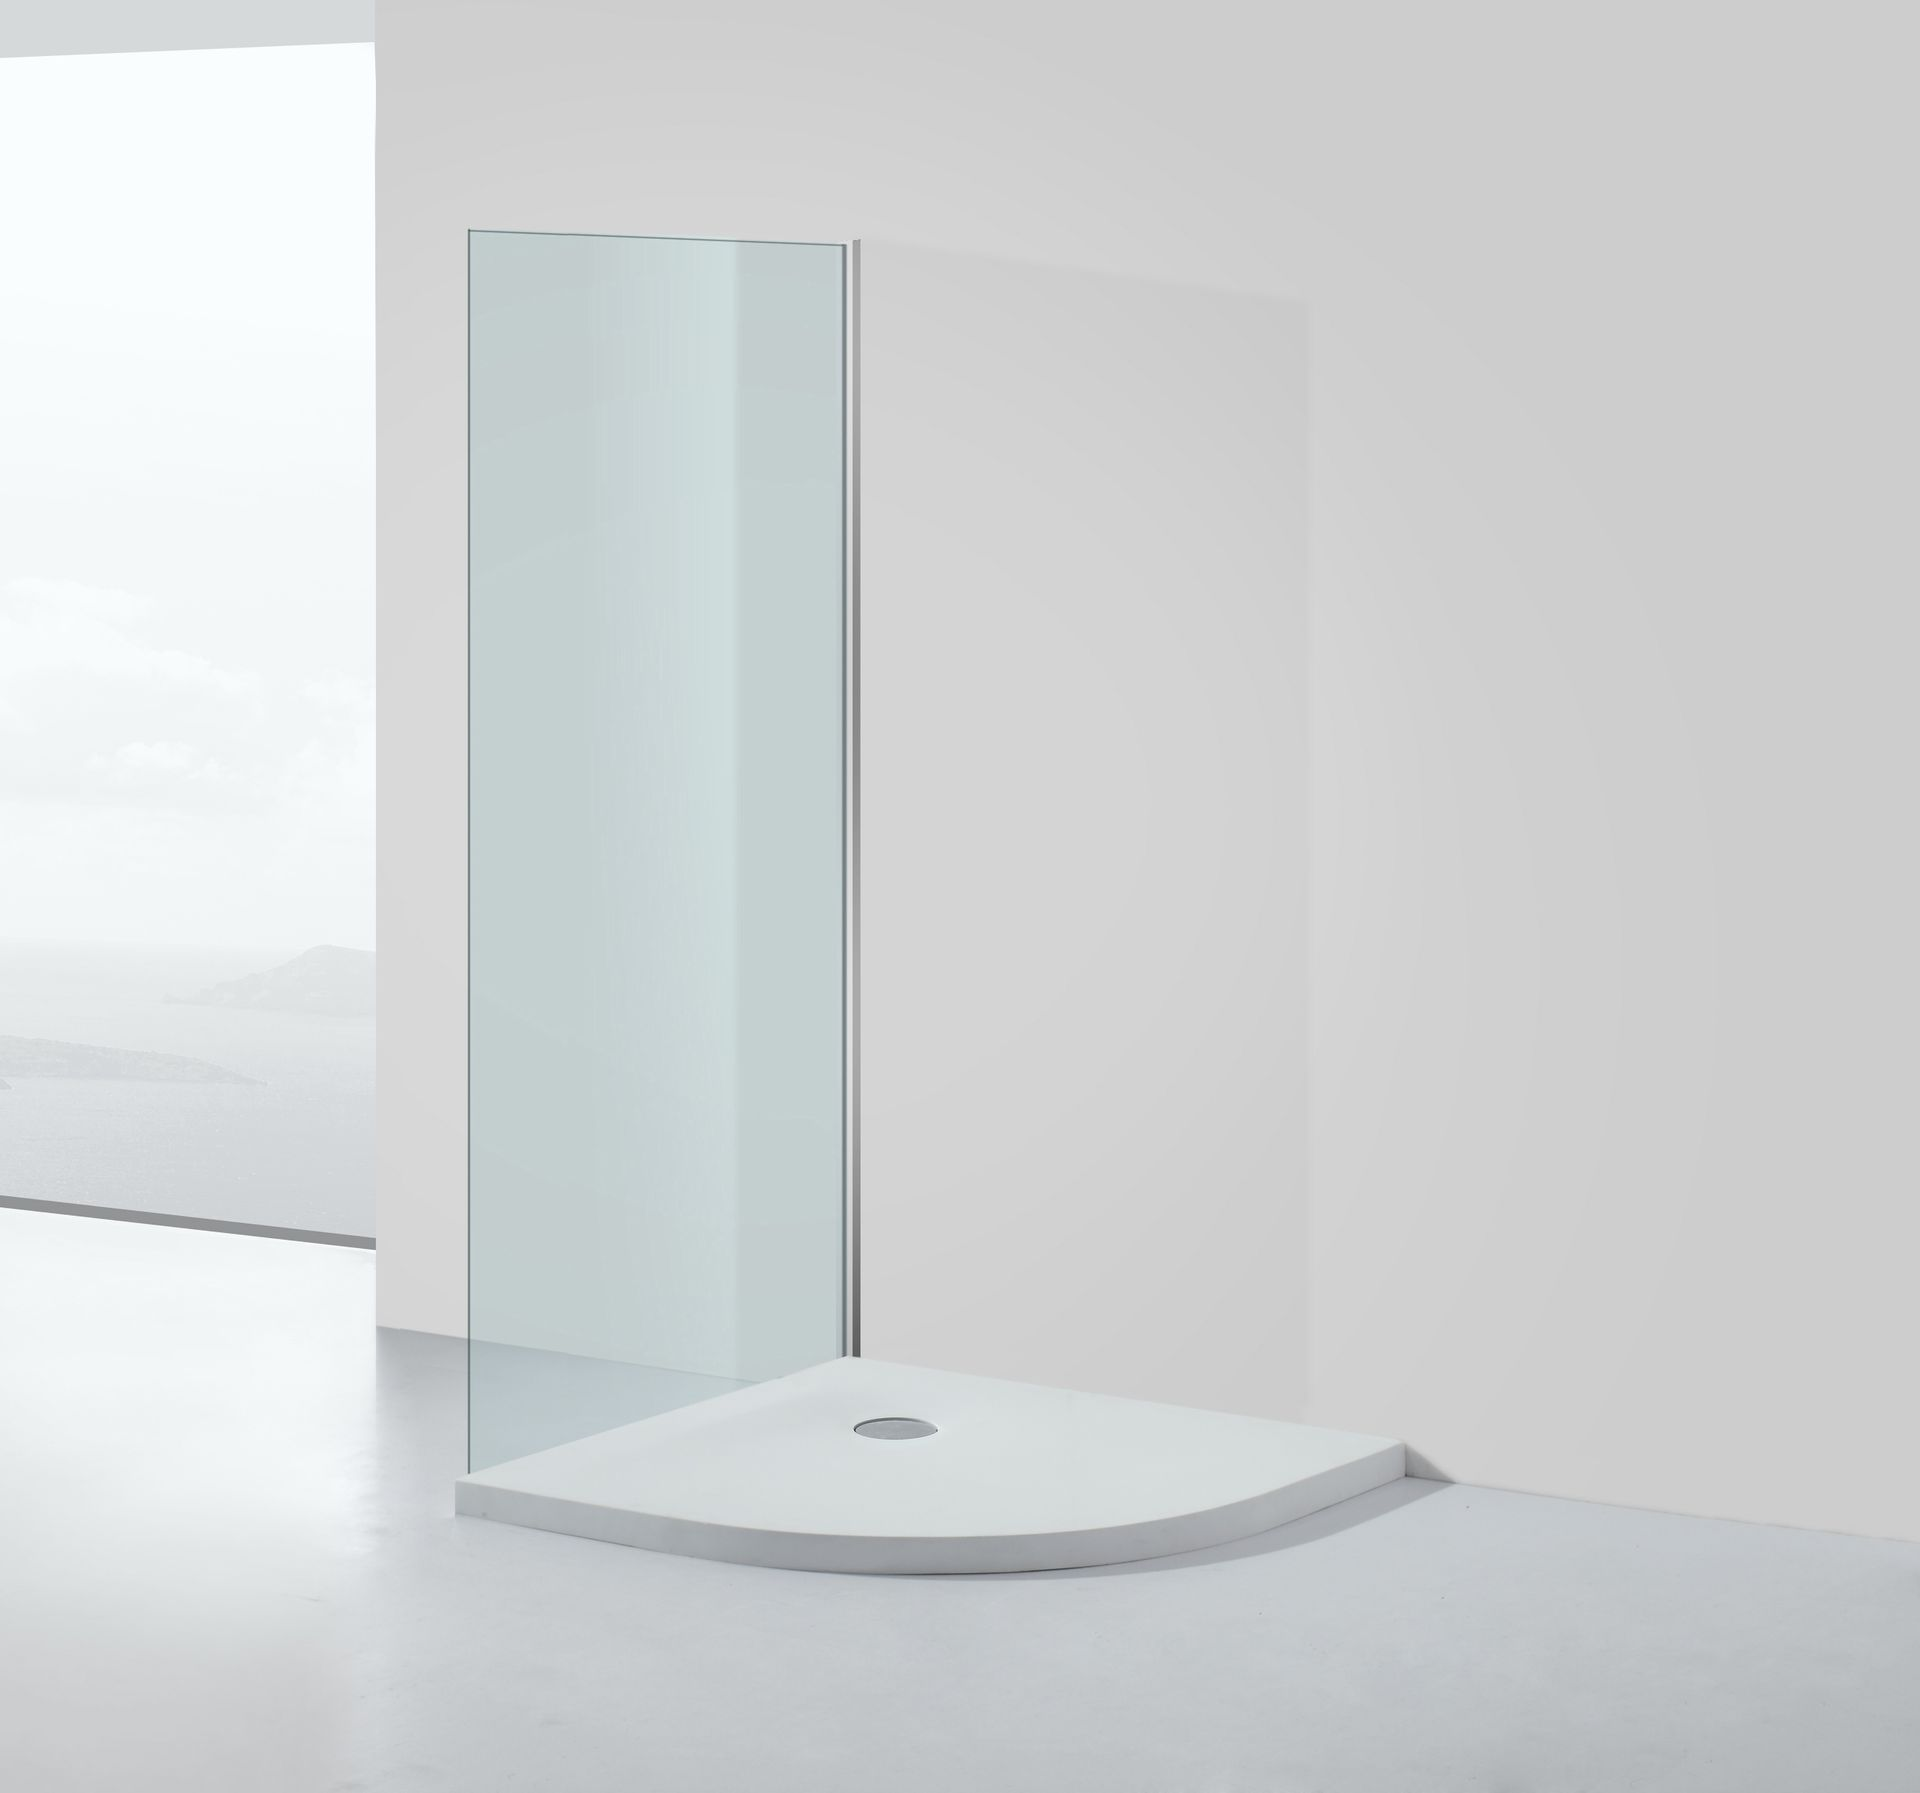 50 mm flache mineralguss duschtasse viertelkreis 80 x 80 cm duschwanne dusche ebay. Black Bedroom Furniture Sets. Home Design Ideas